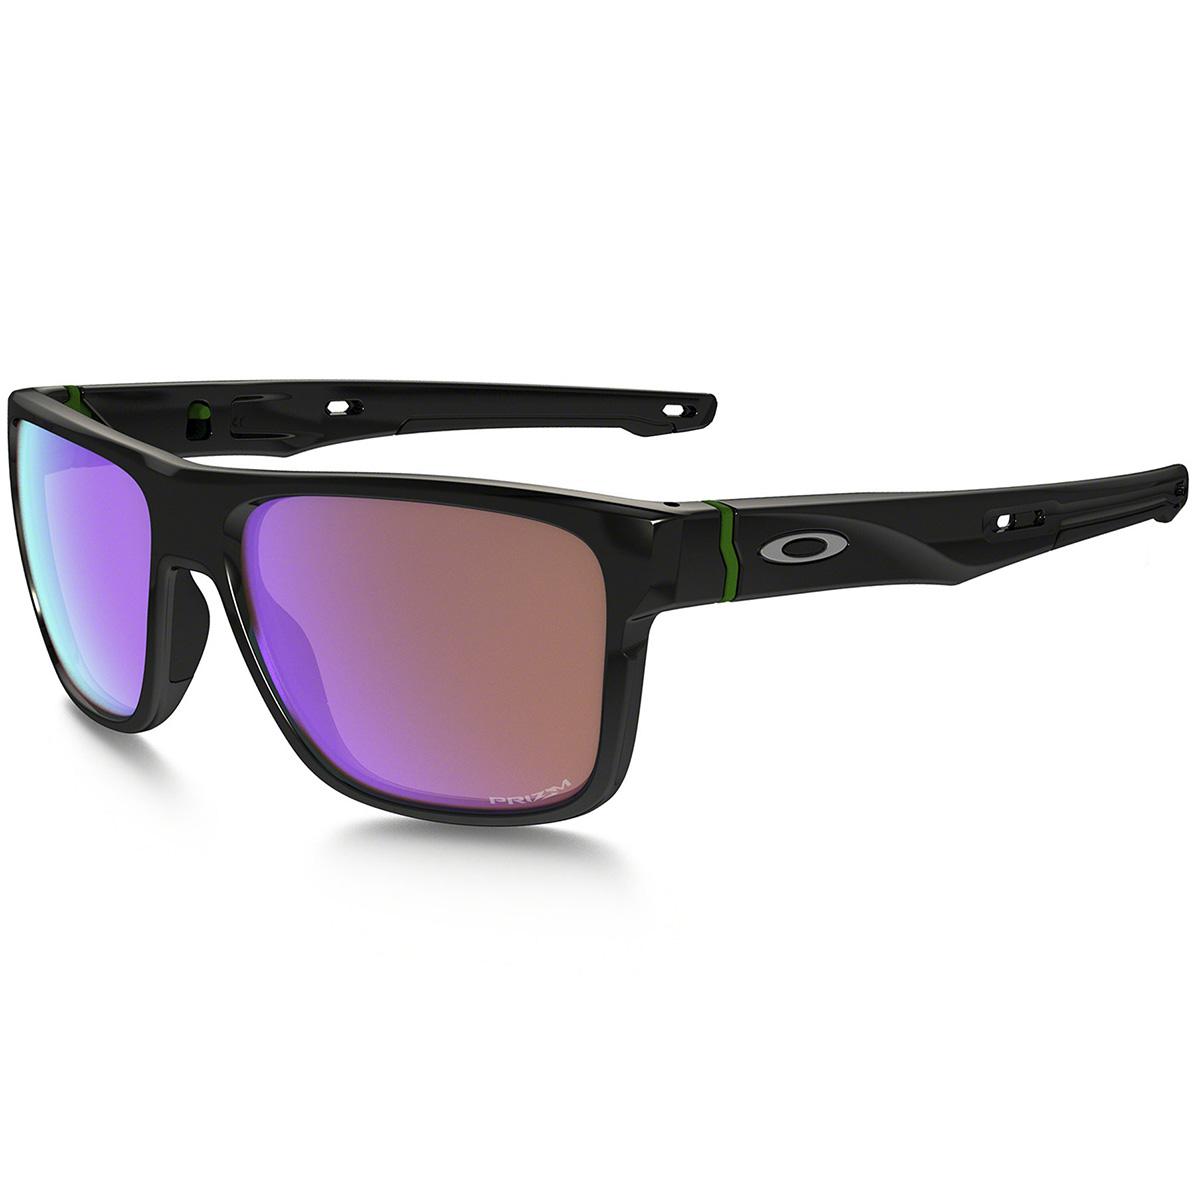 oakley crossrange sonnenbrille online golf. Black Bedroom Furniture Sets. Home Design Ideas